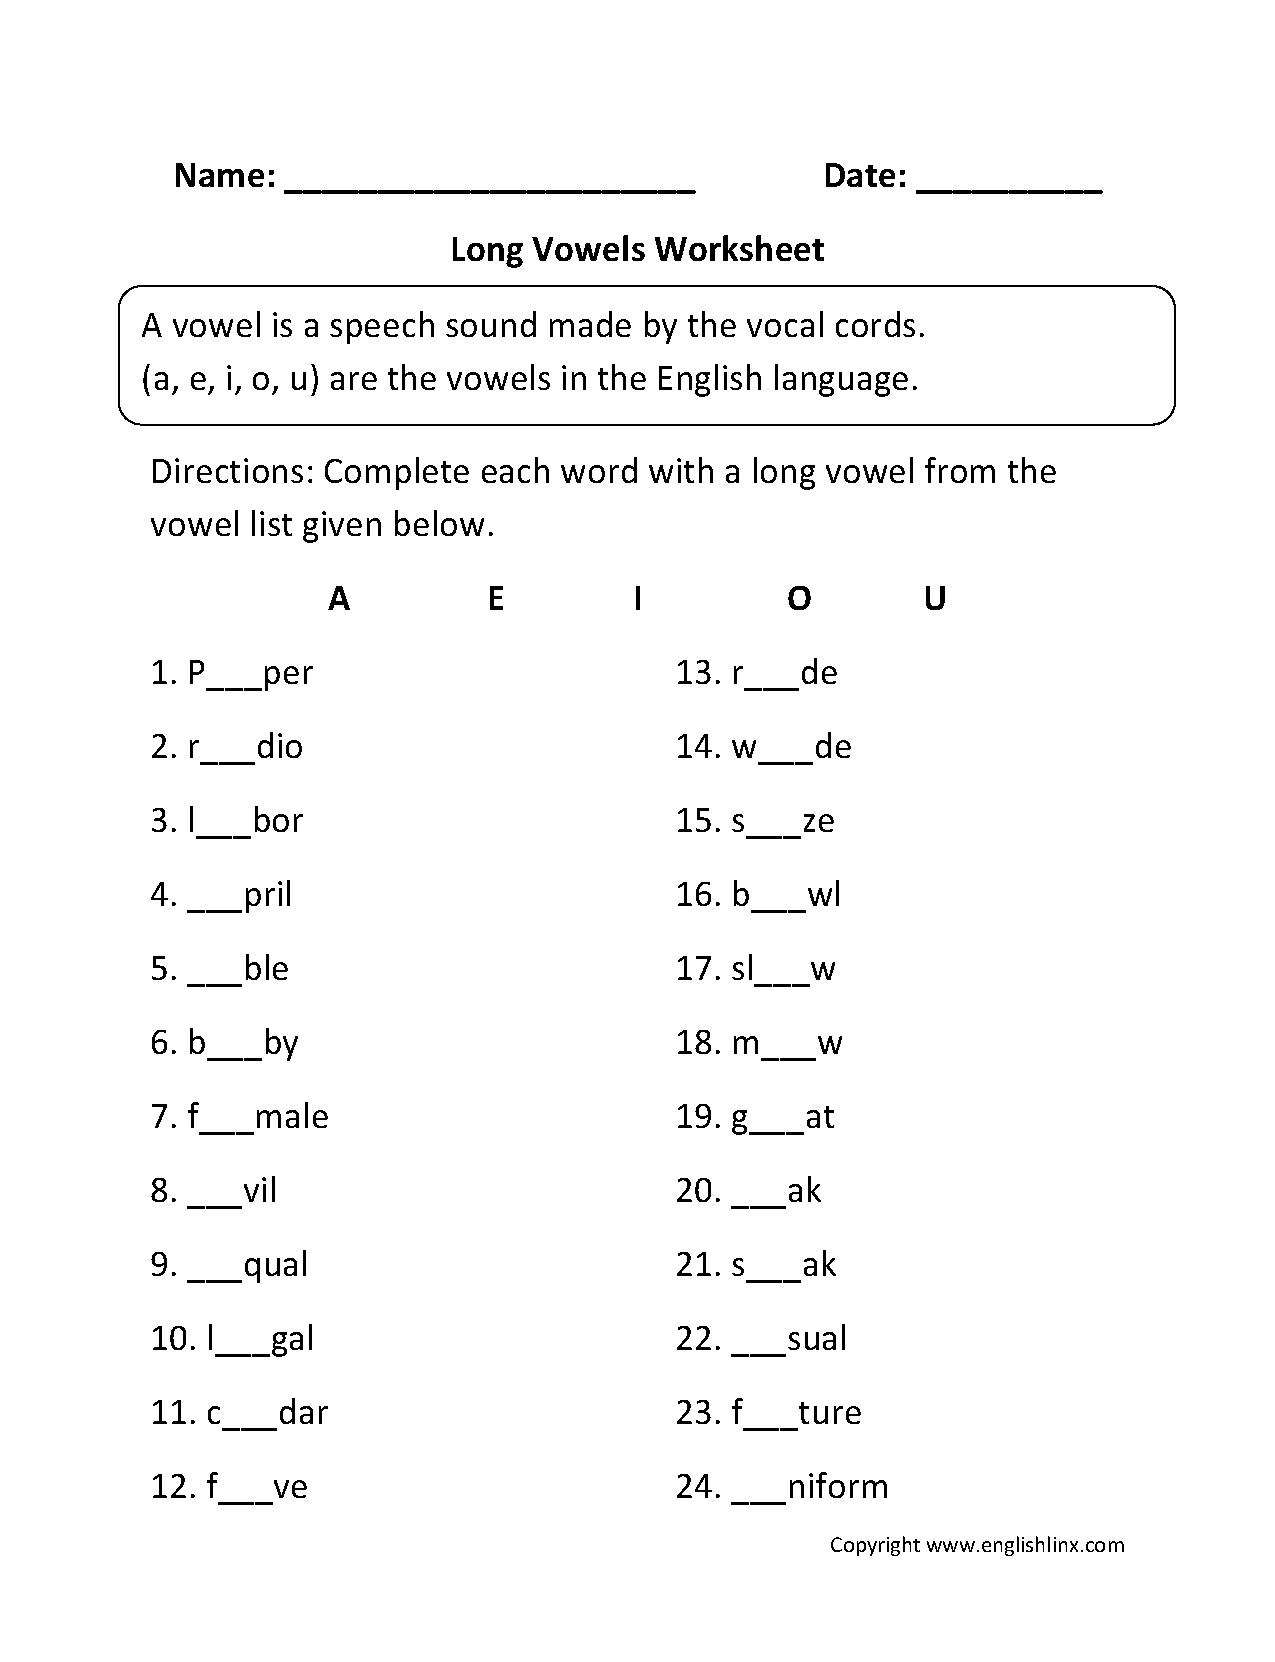 Worksheets Long Vowel Worksheets long vowel worksheet mk pinterest vowels worksheet